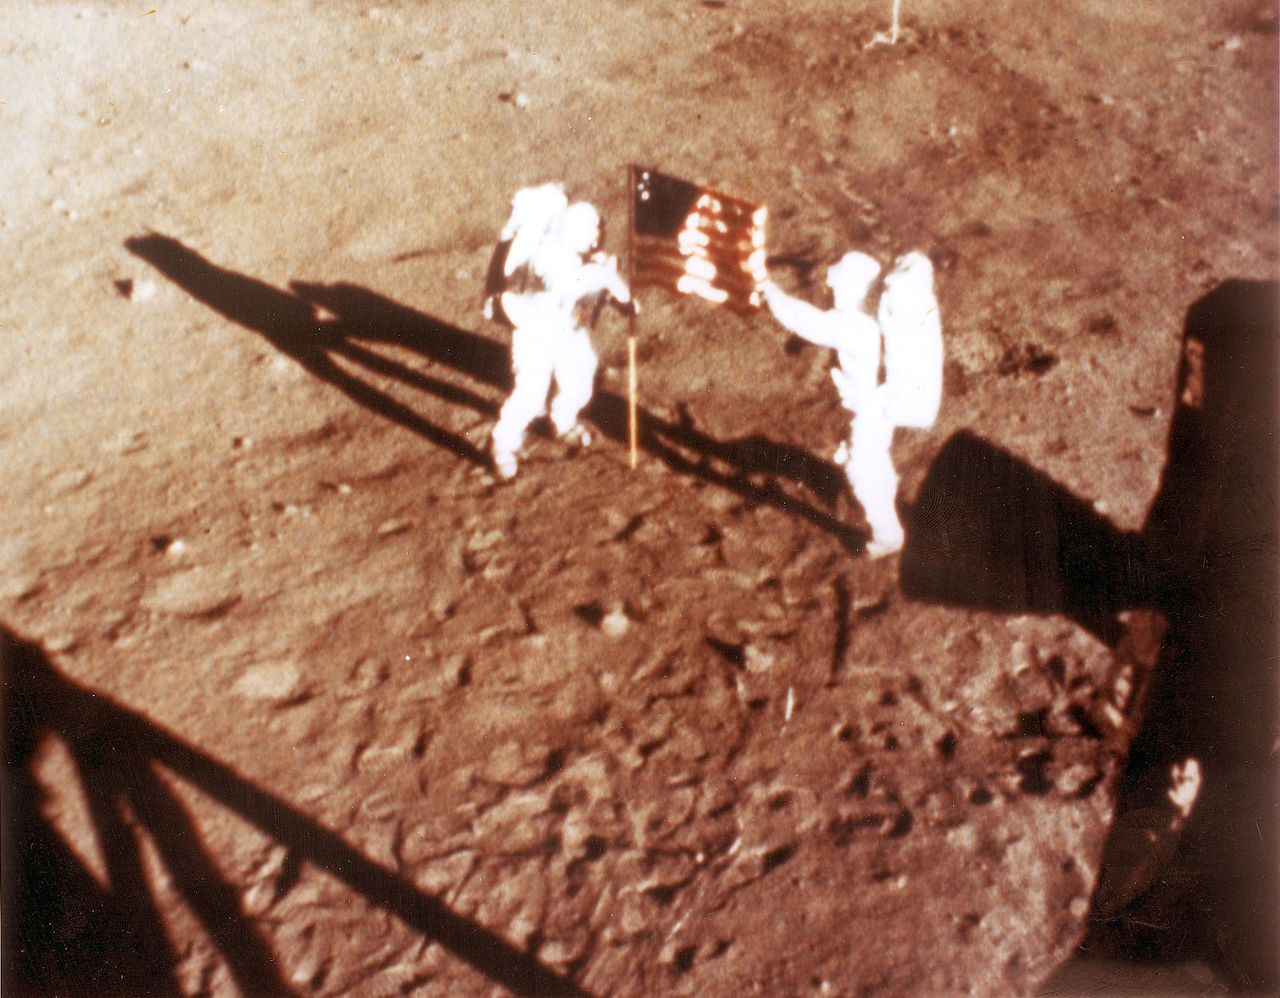 1969年7月20日,人類首次登陸月球,太空人阿姆斯壯和艾德林在月球表面插上美國...